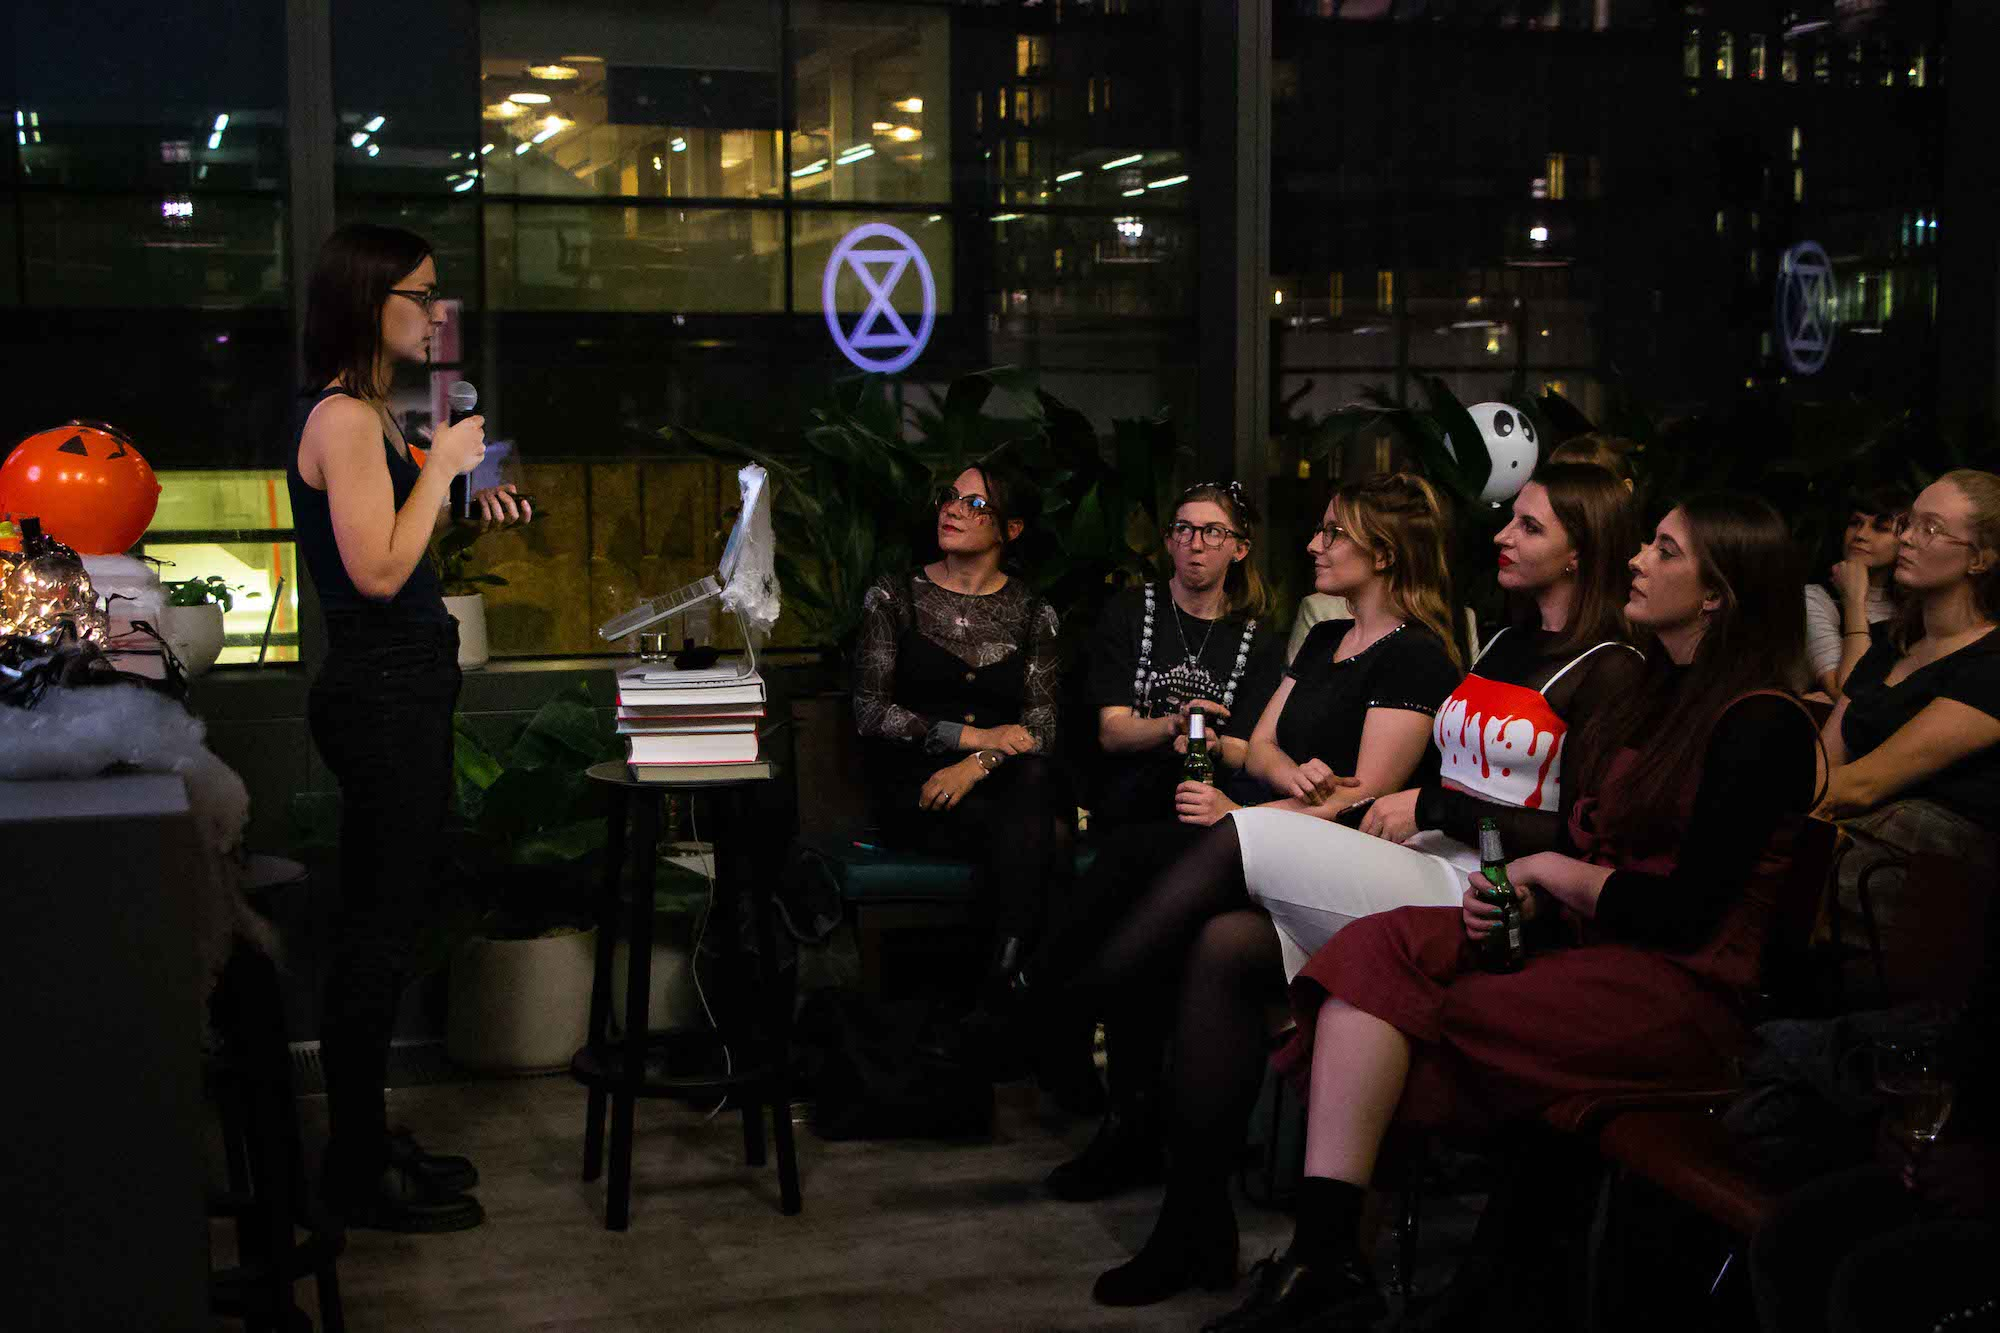 Overcoming fear of Public speaking in 2019